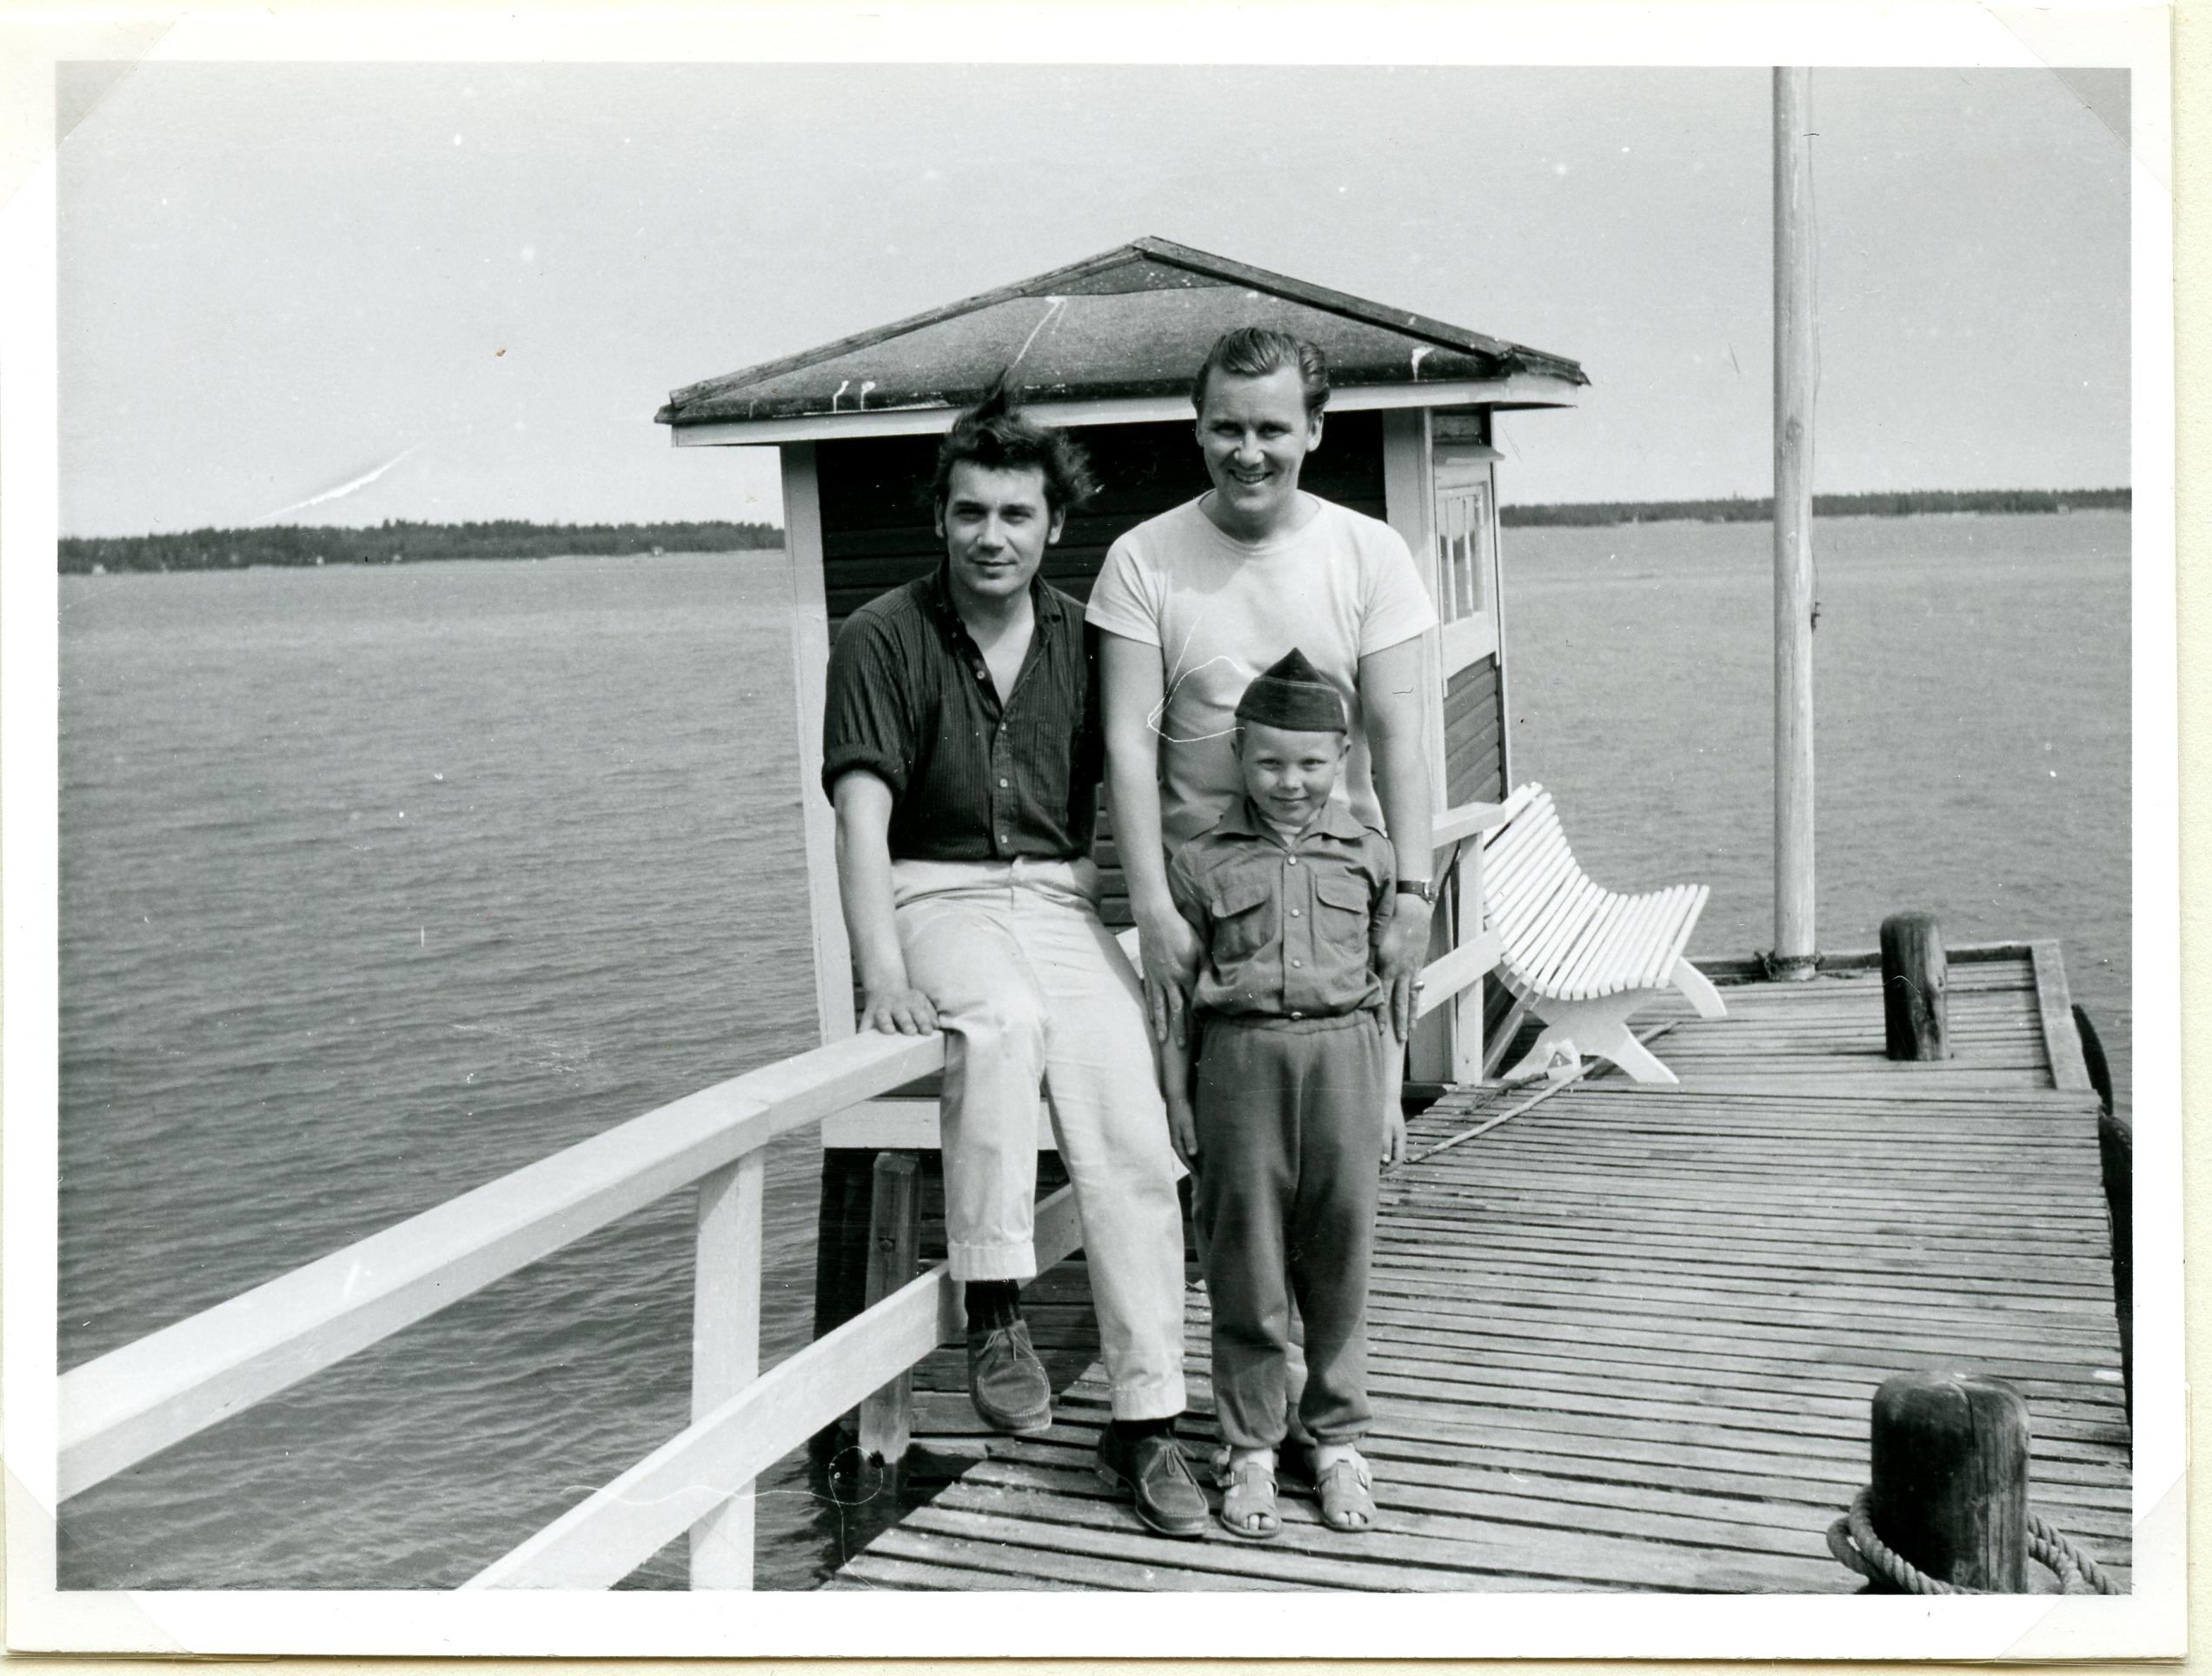 Mustavalkoinen valokuva kahdesta laiturilla seisovasta miehestä. Toisen heistä edessä seisoo lapsi. Kaikki kolme katsovat kameraan ja hymyilevät. Taustalla näkyy uimahuone ja iso vesialue.